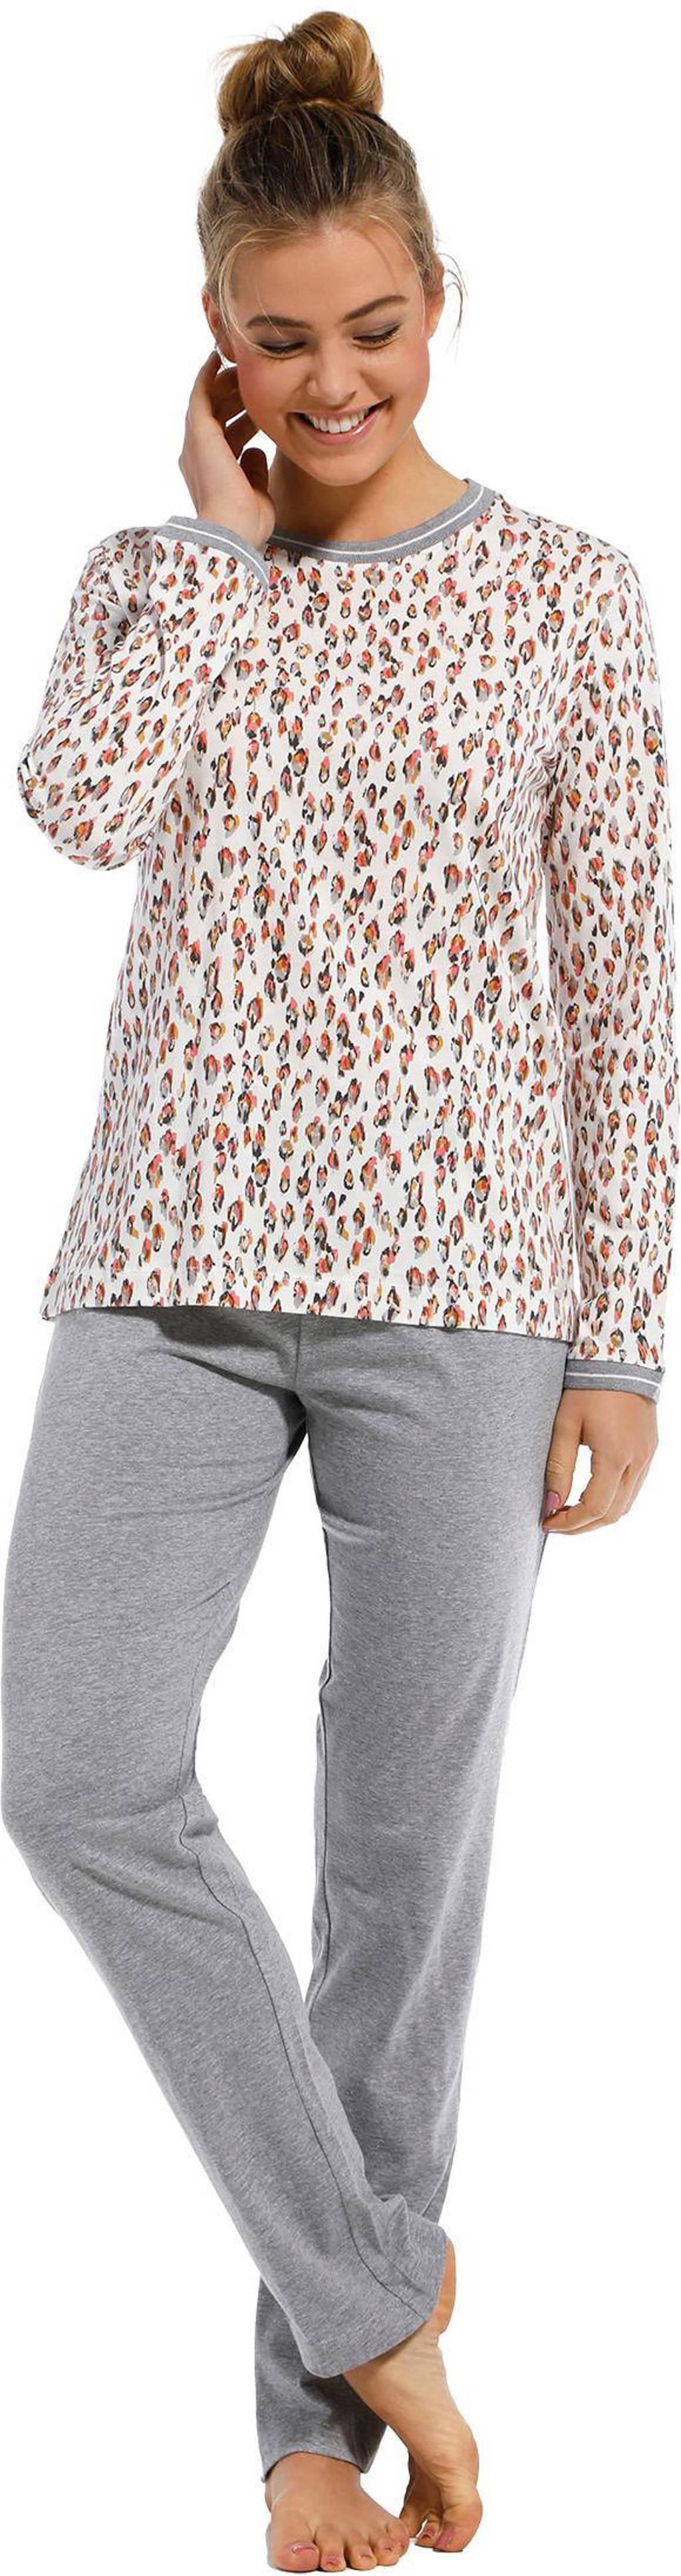 Pastunette pyjama met all over print gebroken wit, Gebroken wit